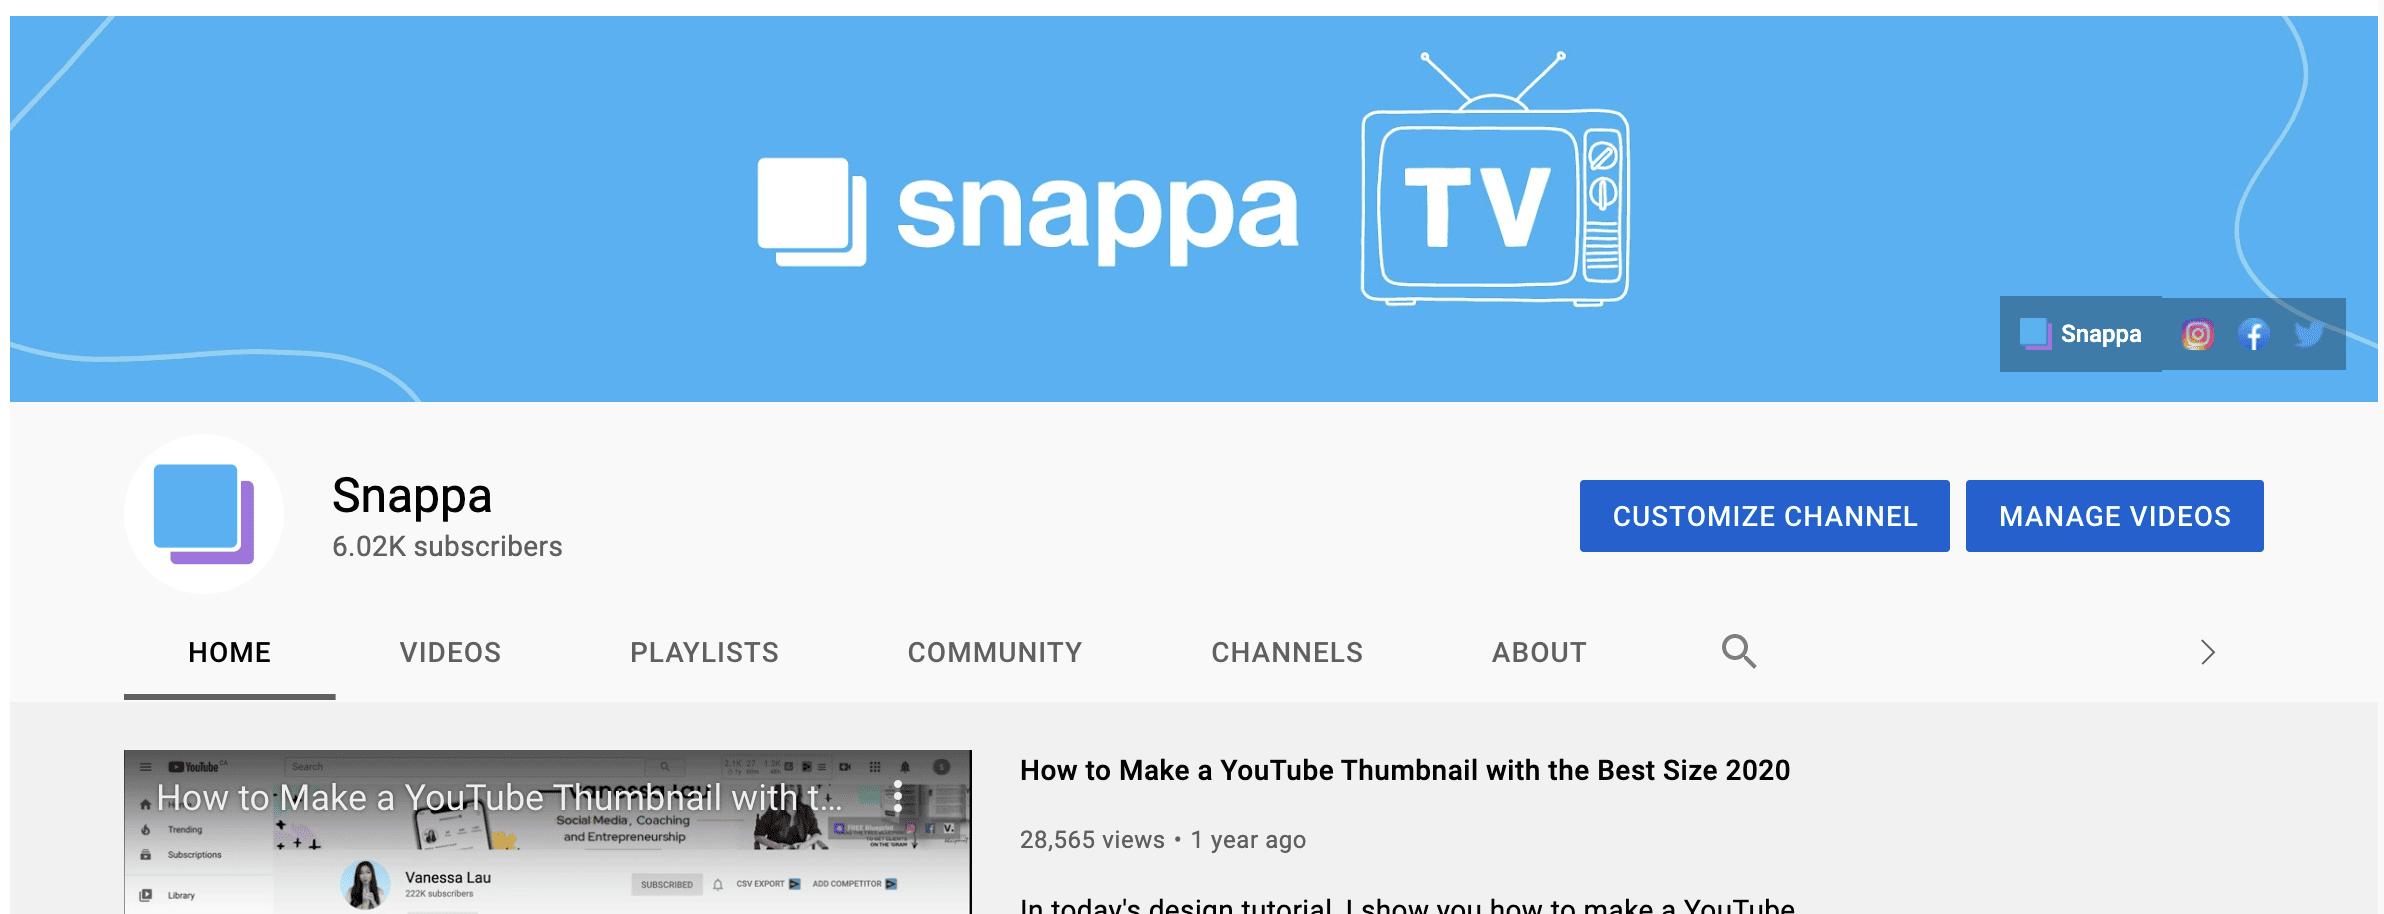 youtube snappa channel art